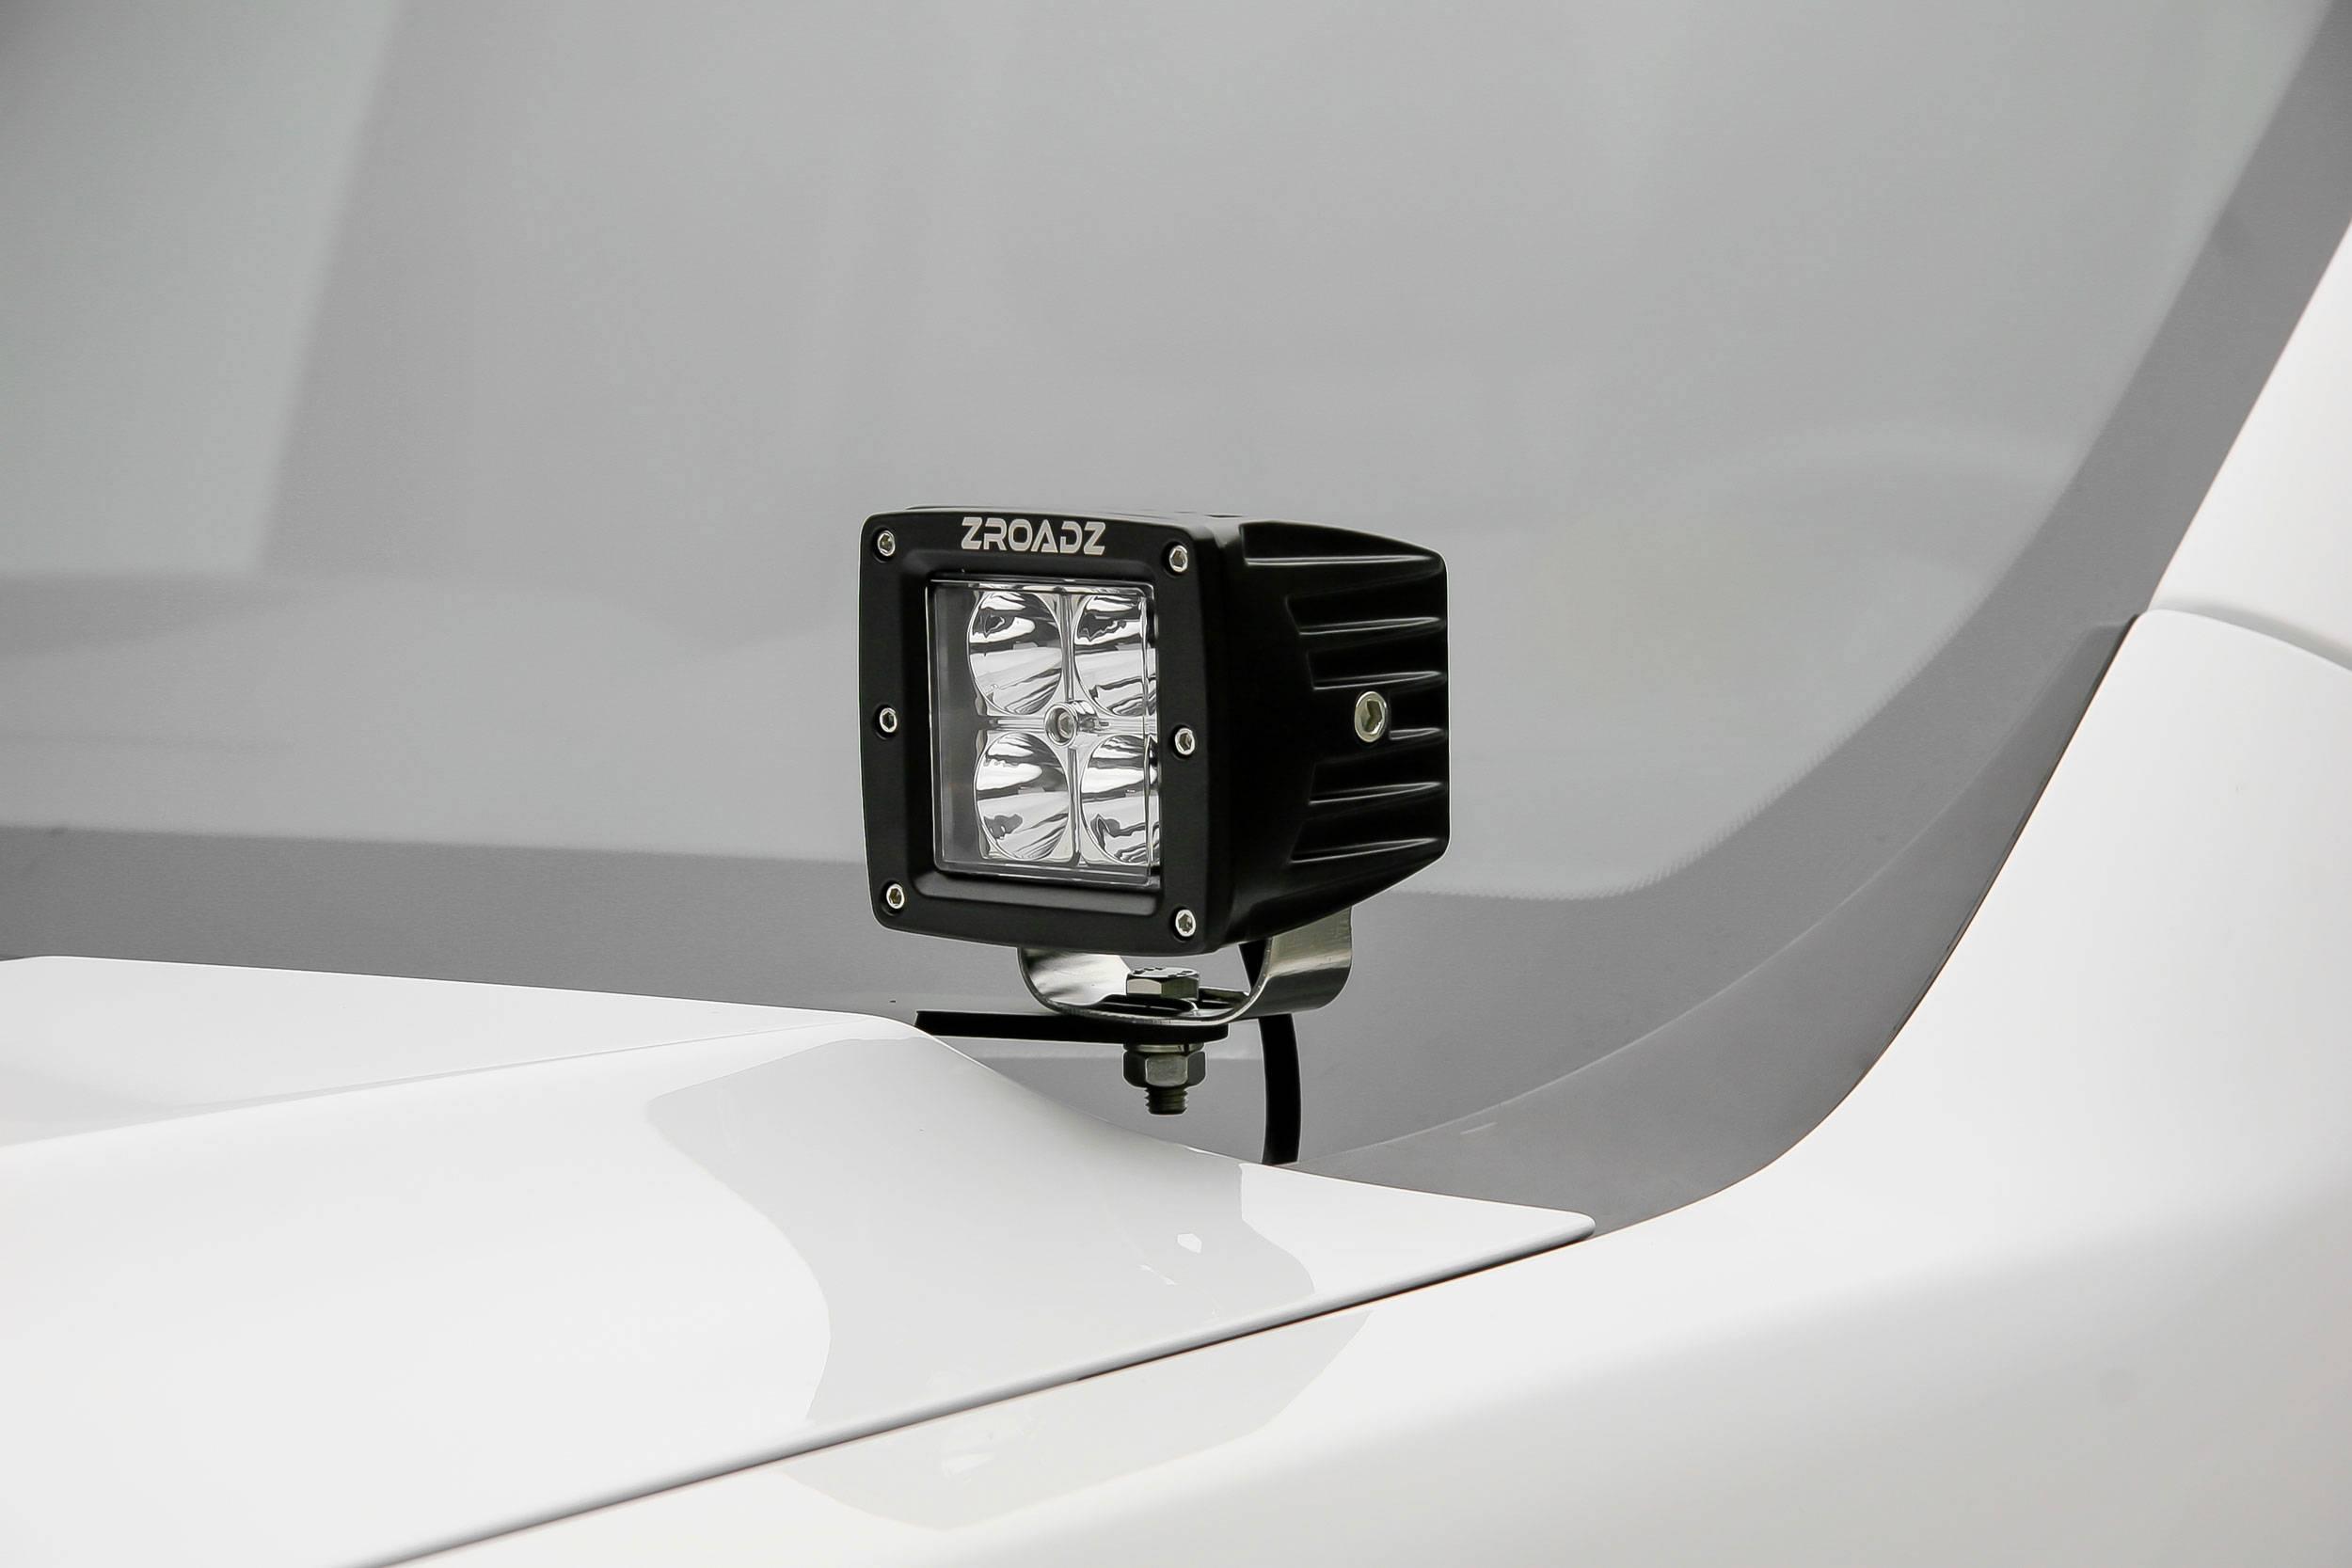 ZROADZ OFF ROAD PRODUCTS - 2007-2013 Silverado Sierra 1500 Hood Hinge LED Bracket to mount (2) 3 Inch LED Pod Lights - PN #Z362051